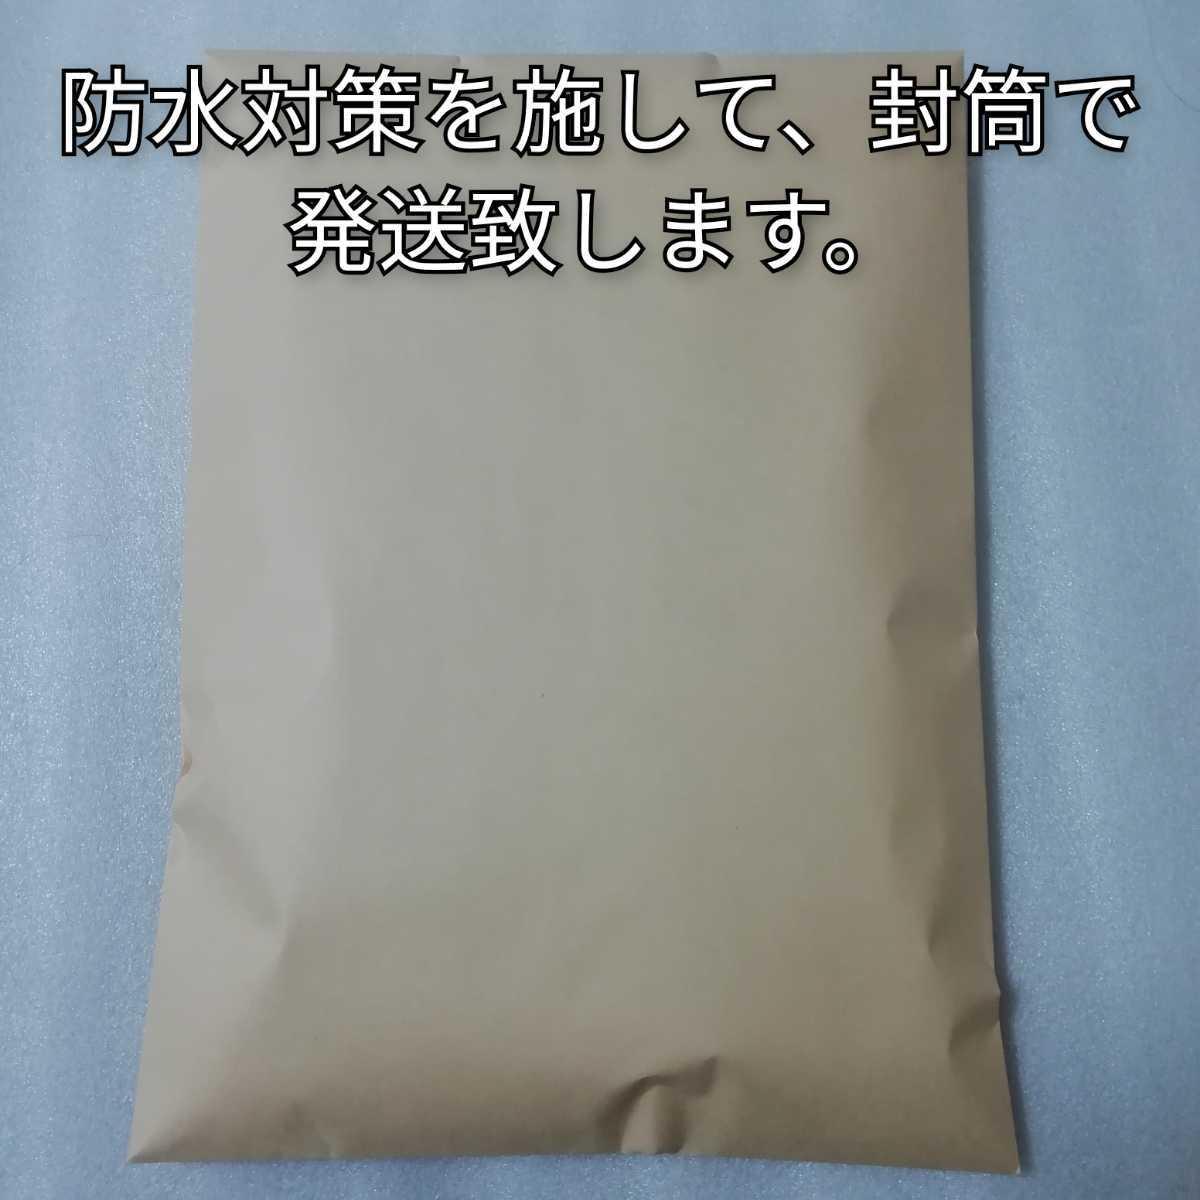 澤井珈琲 3種類18袋 ドリップコーヒー _画像2